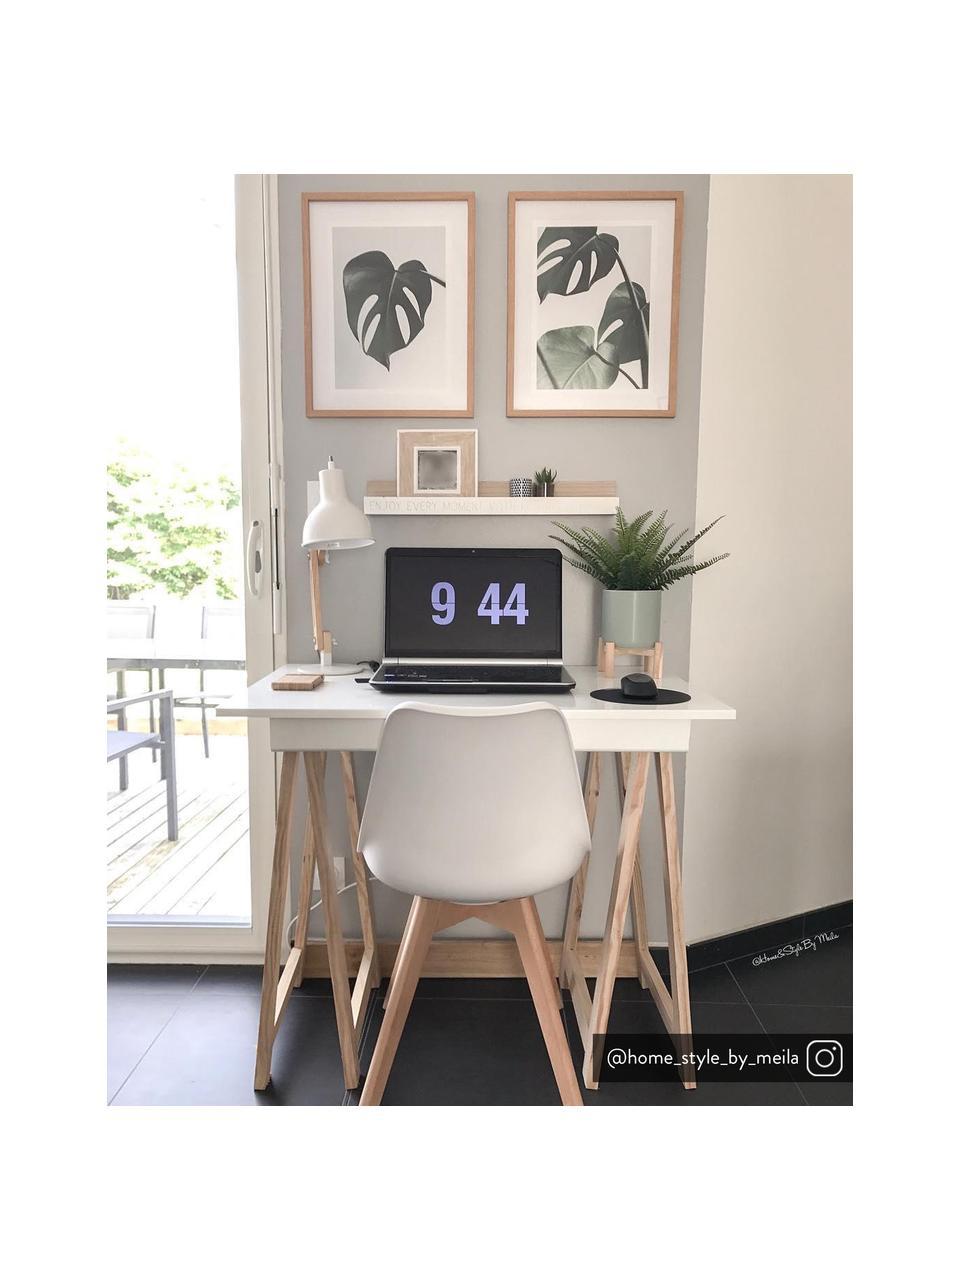 Krzesło z tworzywa sztucznego z drewnianymi nogami Dave, 2 szt., Nogi: drewno bukowe, Biały, S 46 x G 52 cm